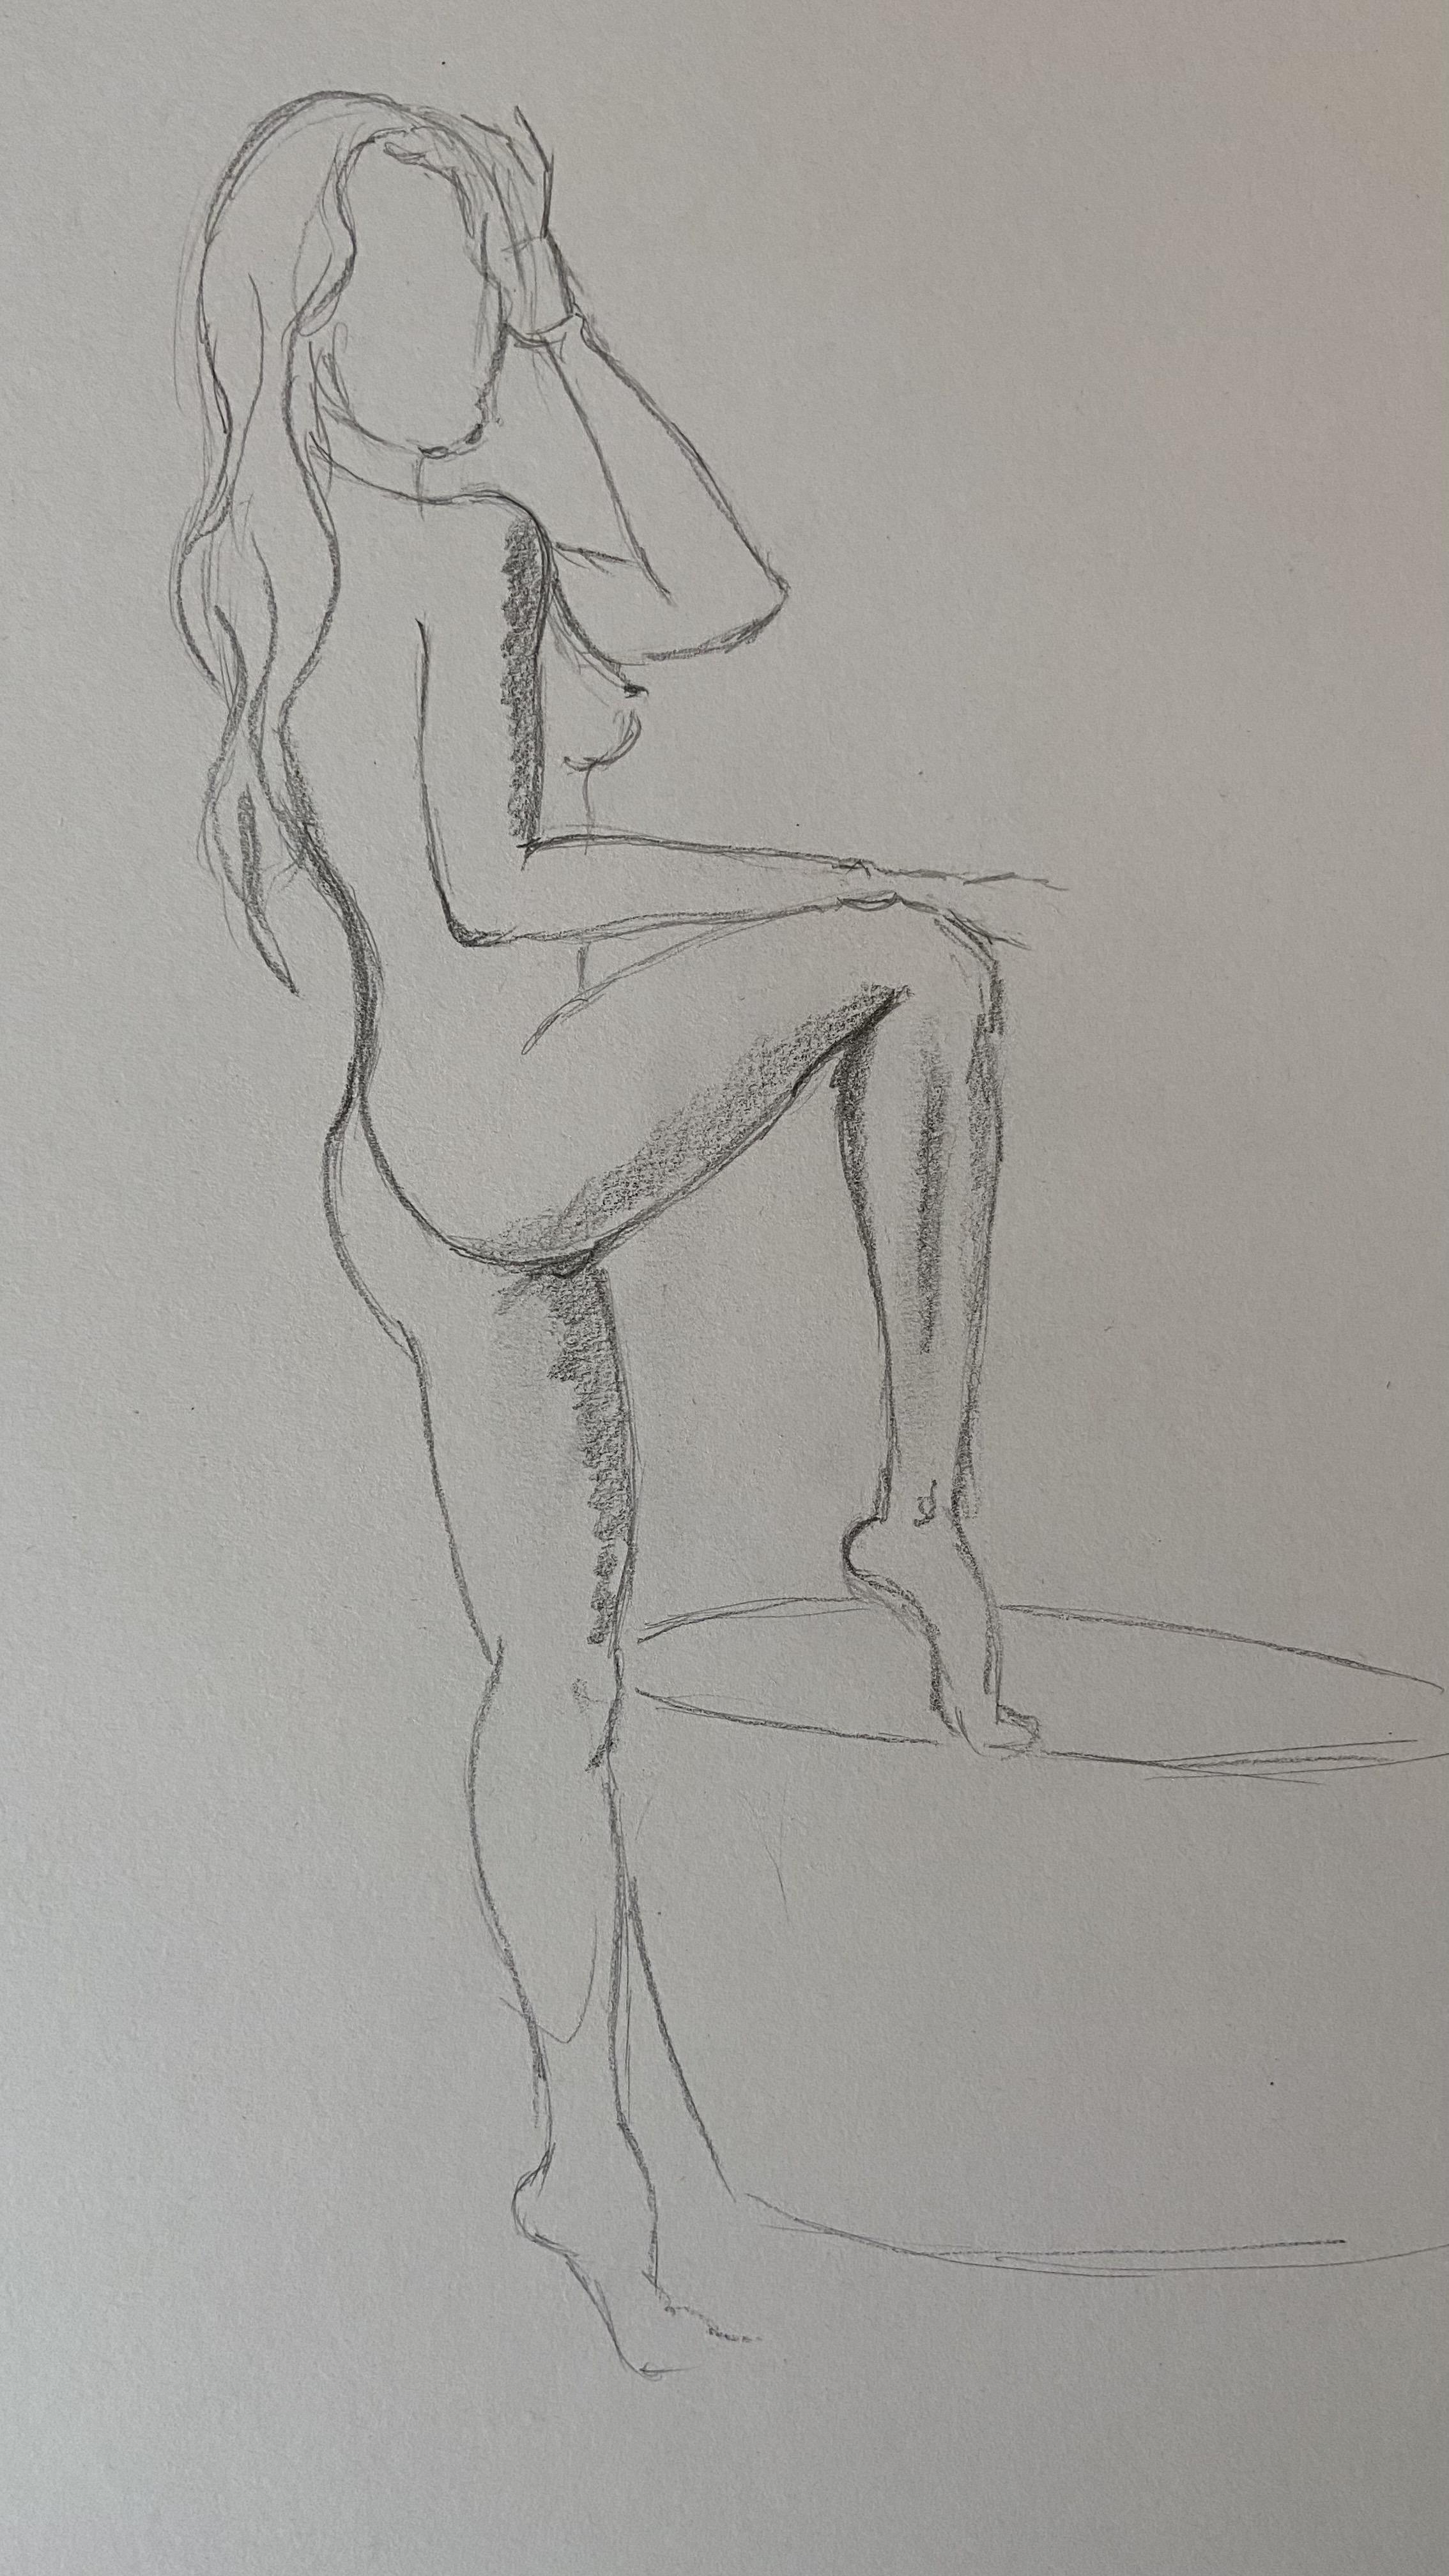 Esquisse femme 3/4 dos crayon papier graphite  cours de dessin